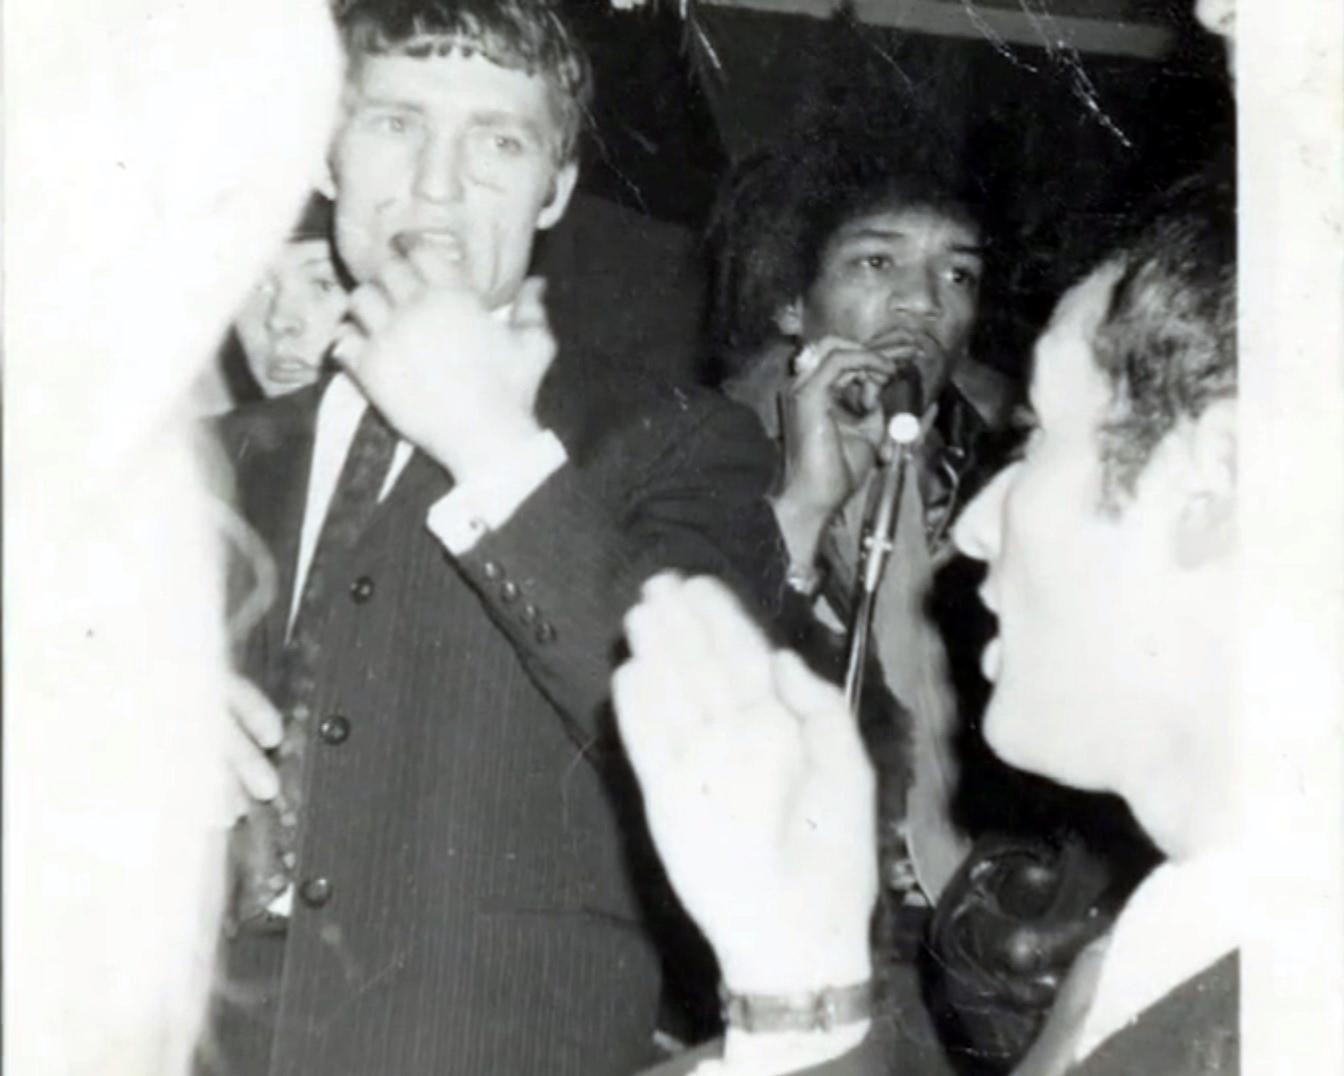 Ilkey (Gyro club Troutbeck Hotel) : 12 mars 1967 910081Ilkley